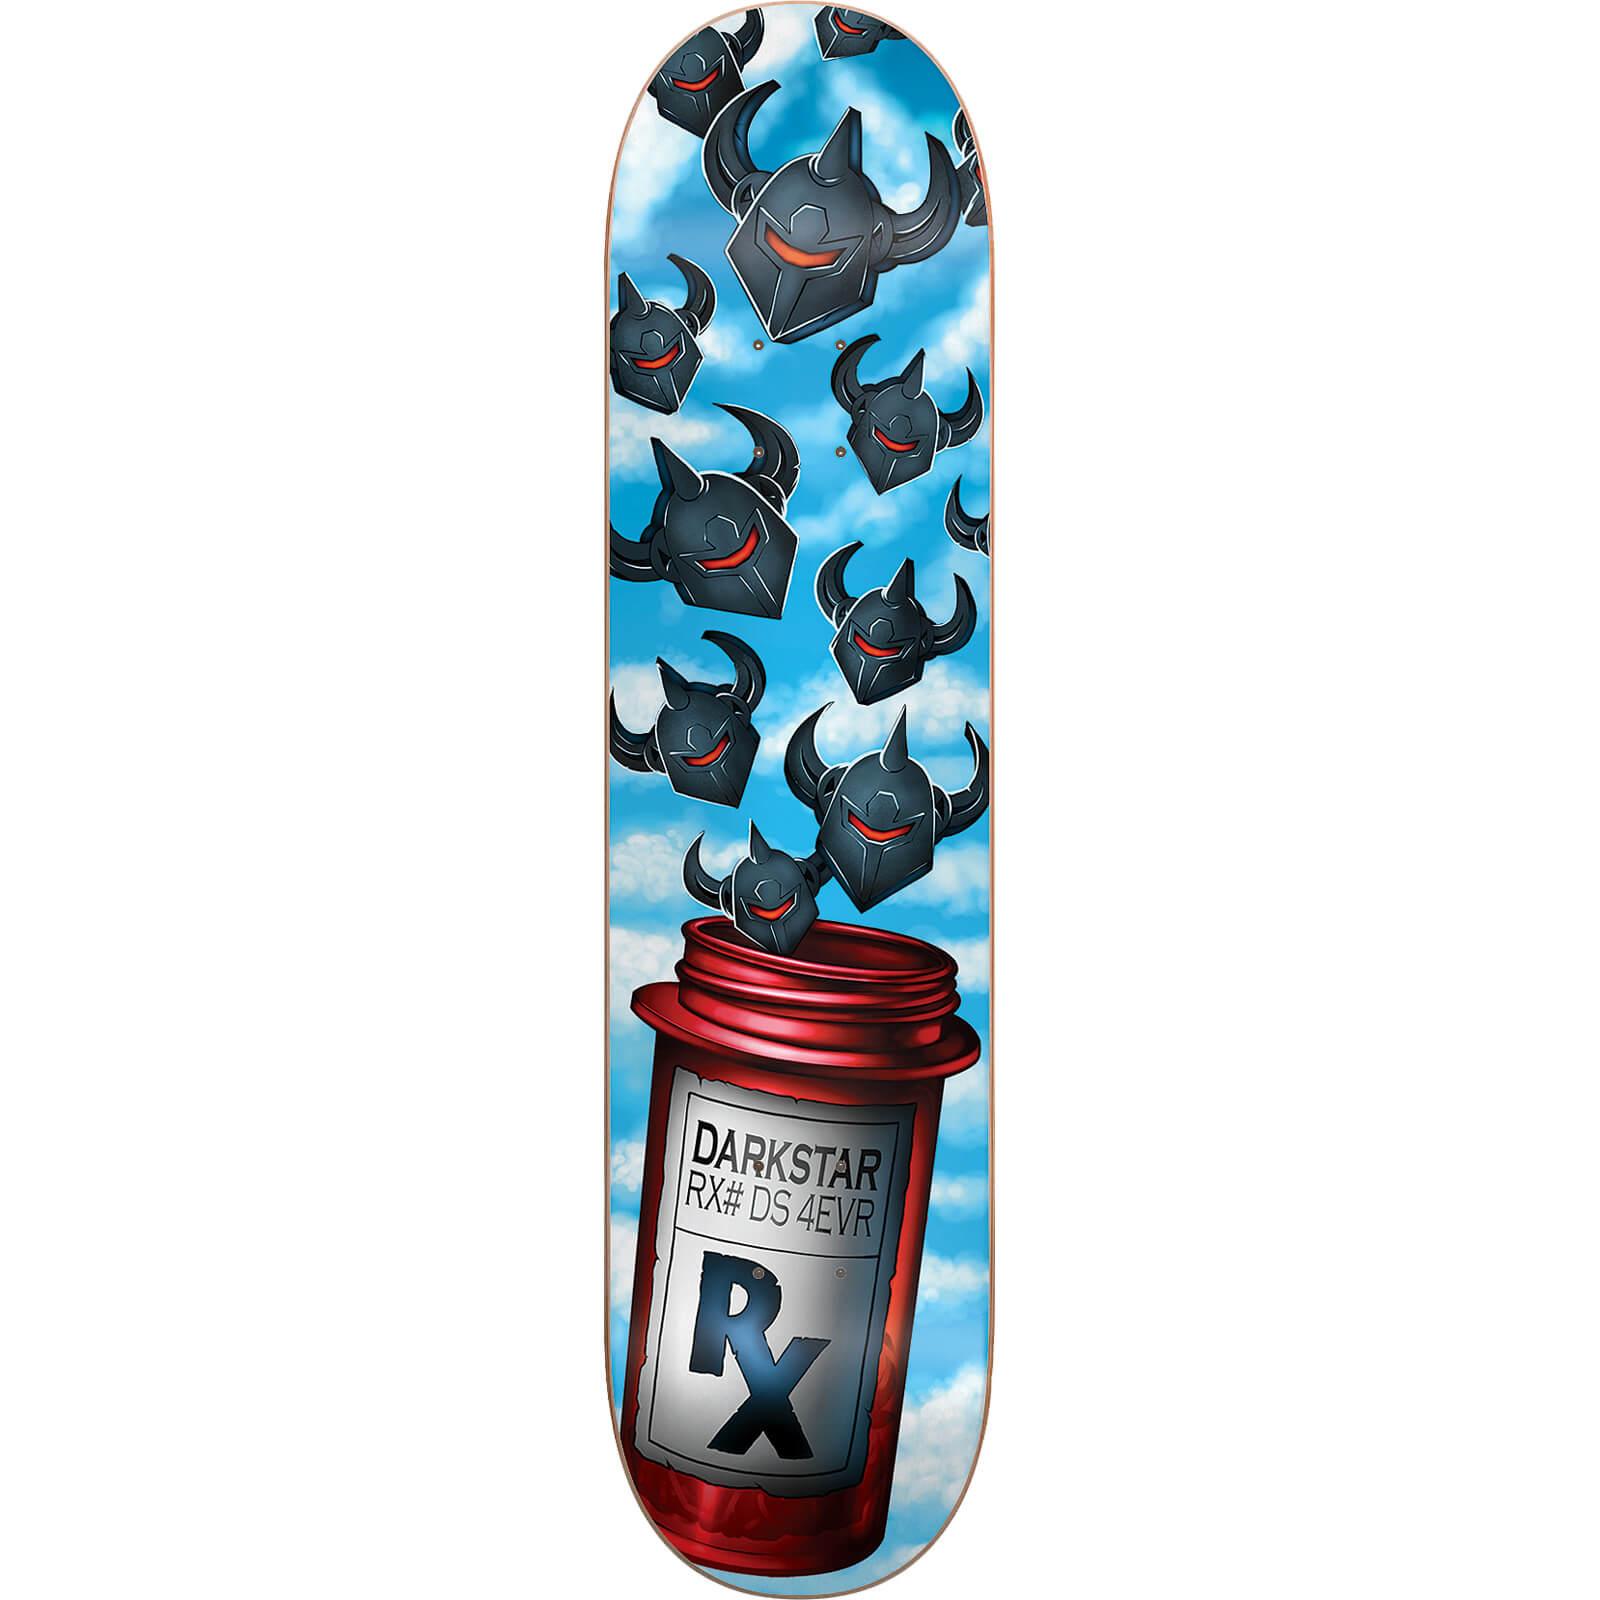 Darkstar Skateboards 4evr Deck